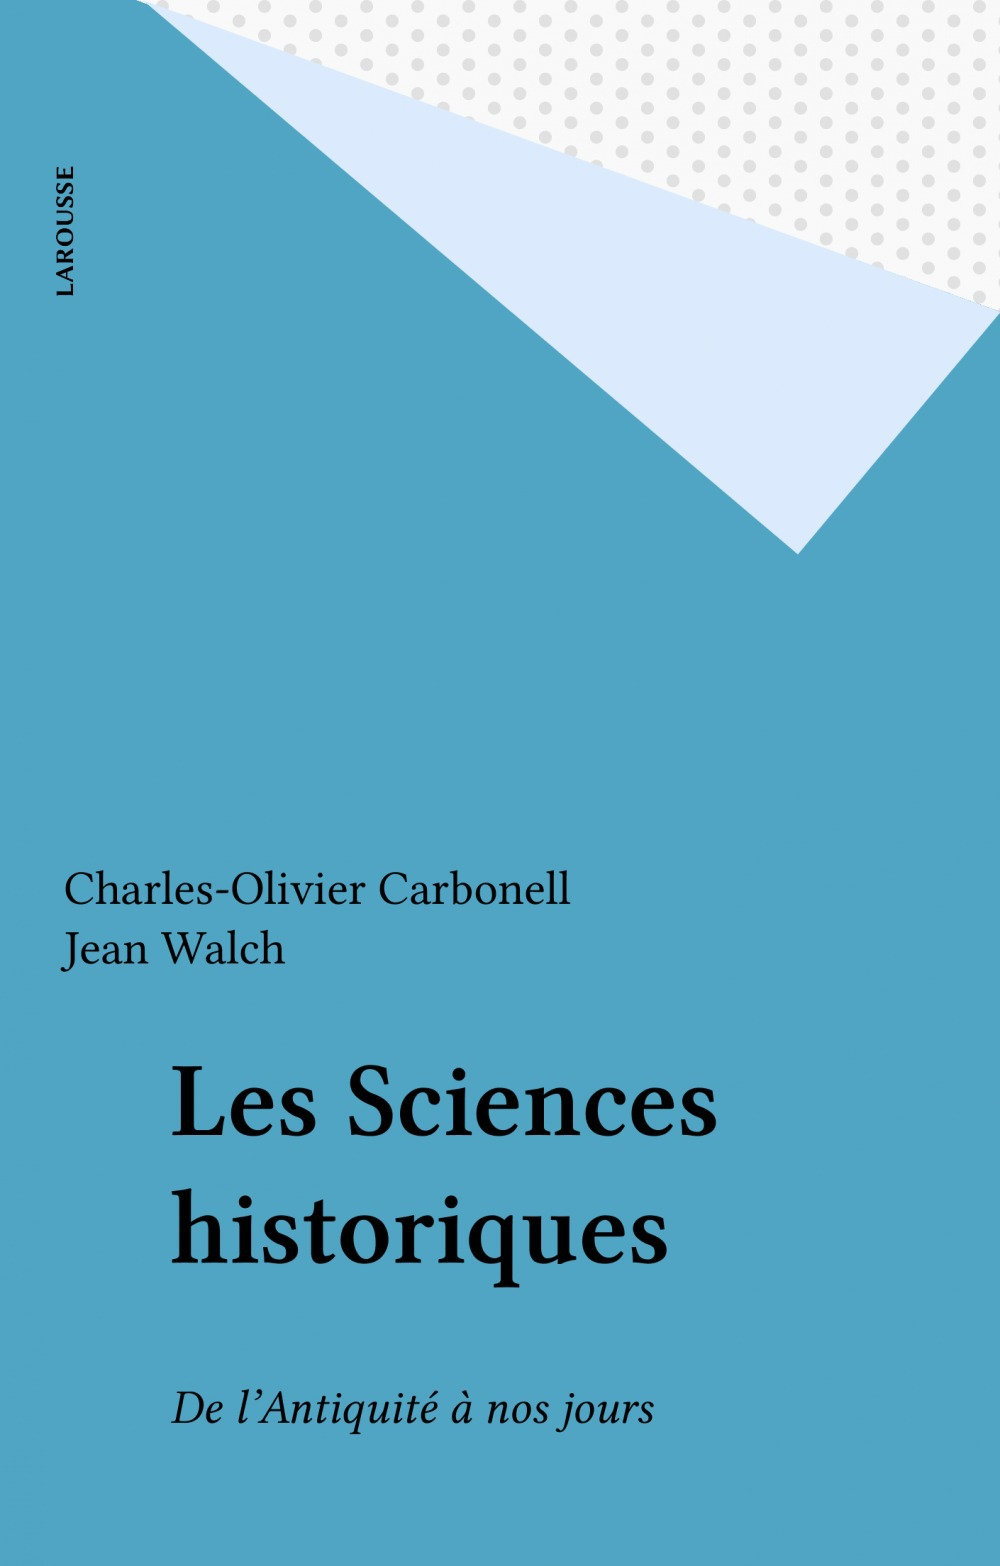 Les Sciences historiques